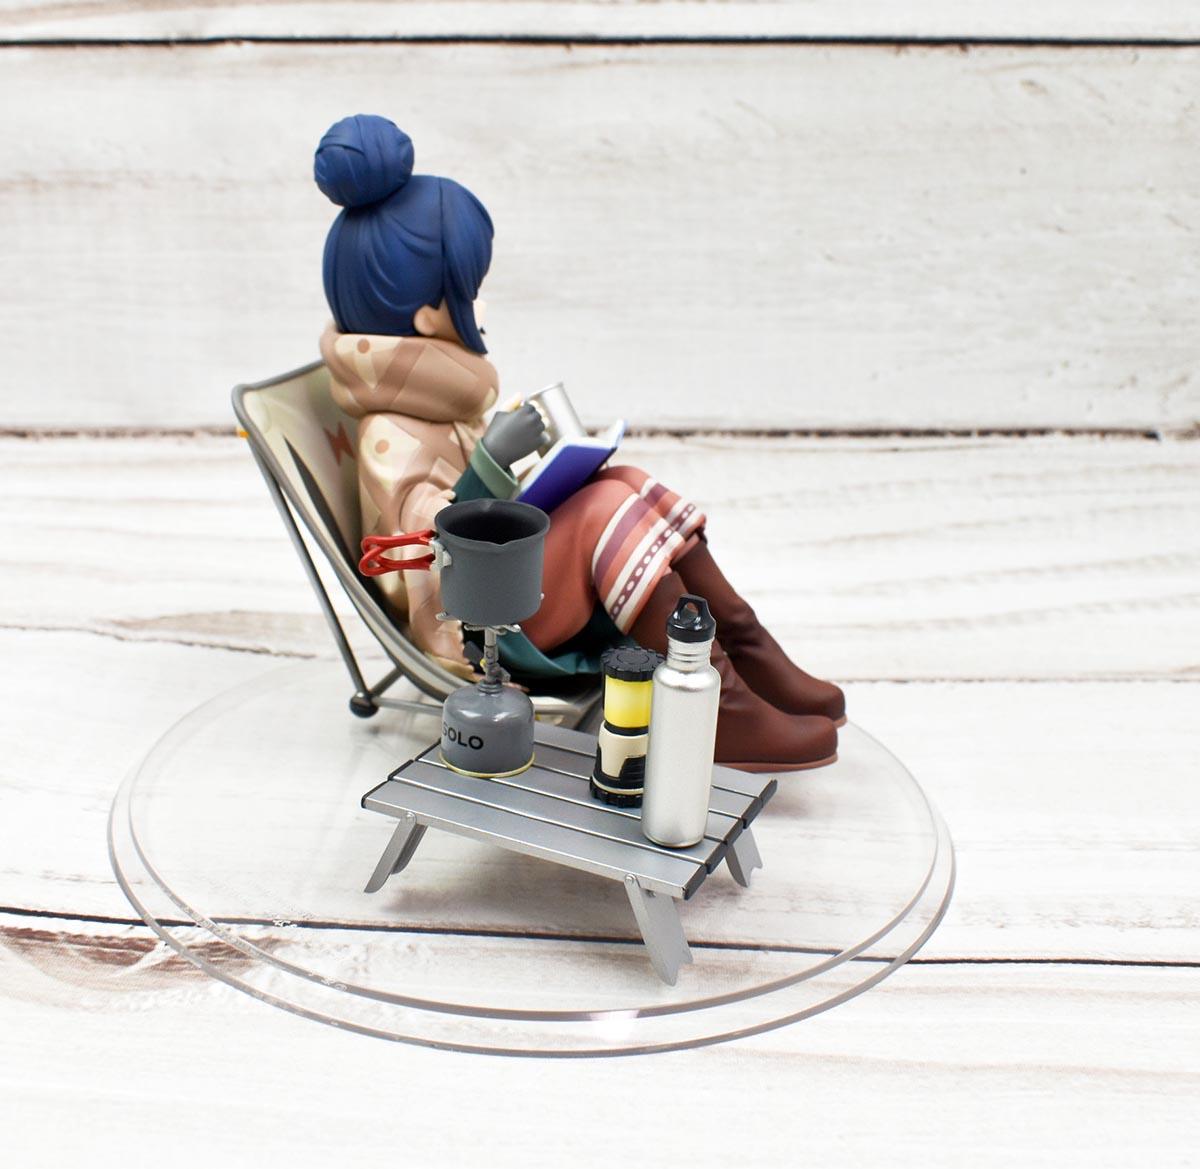 WING ゆるキャン△ 1/7 志摩リン フィギュアレビュー ぐるぐる6